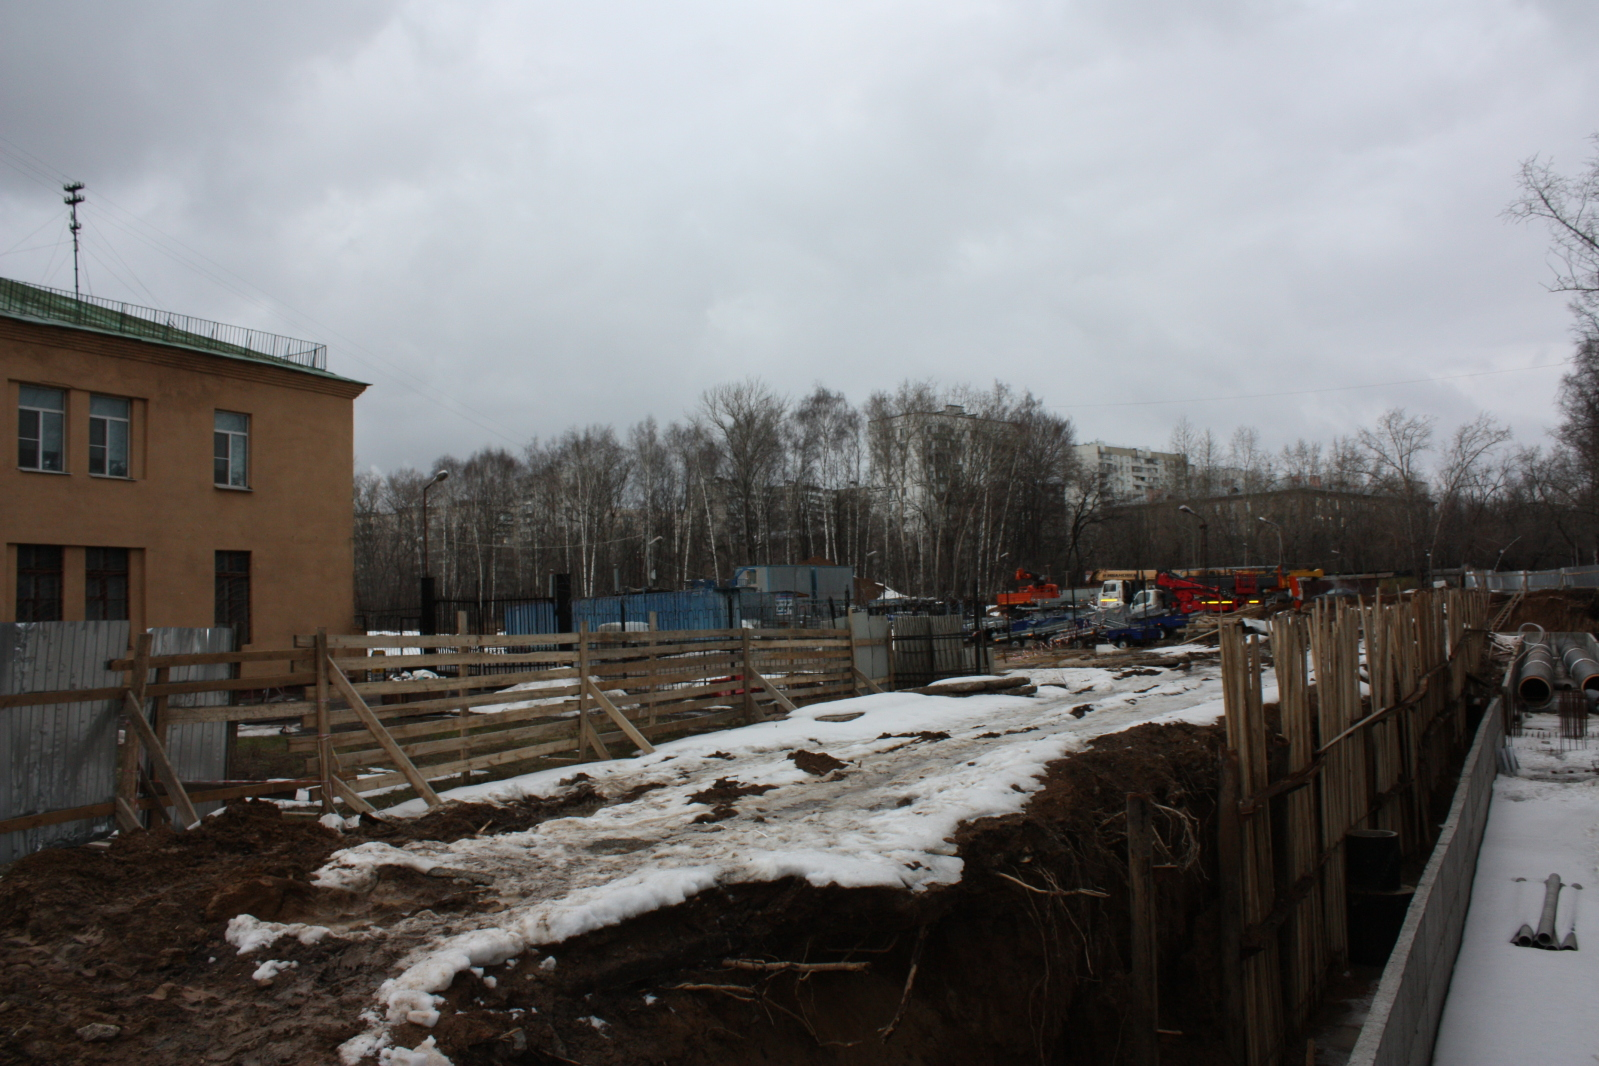 """Виват папарацци или удалось сделать фотки нынешнего состояния площадки будущего ЖК """"Летний сад"""" 1ylnx1"""